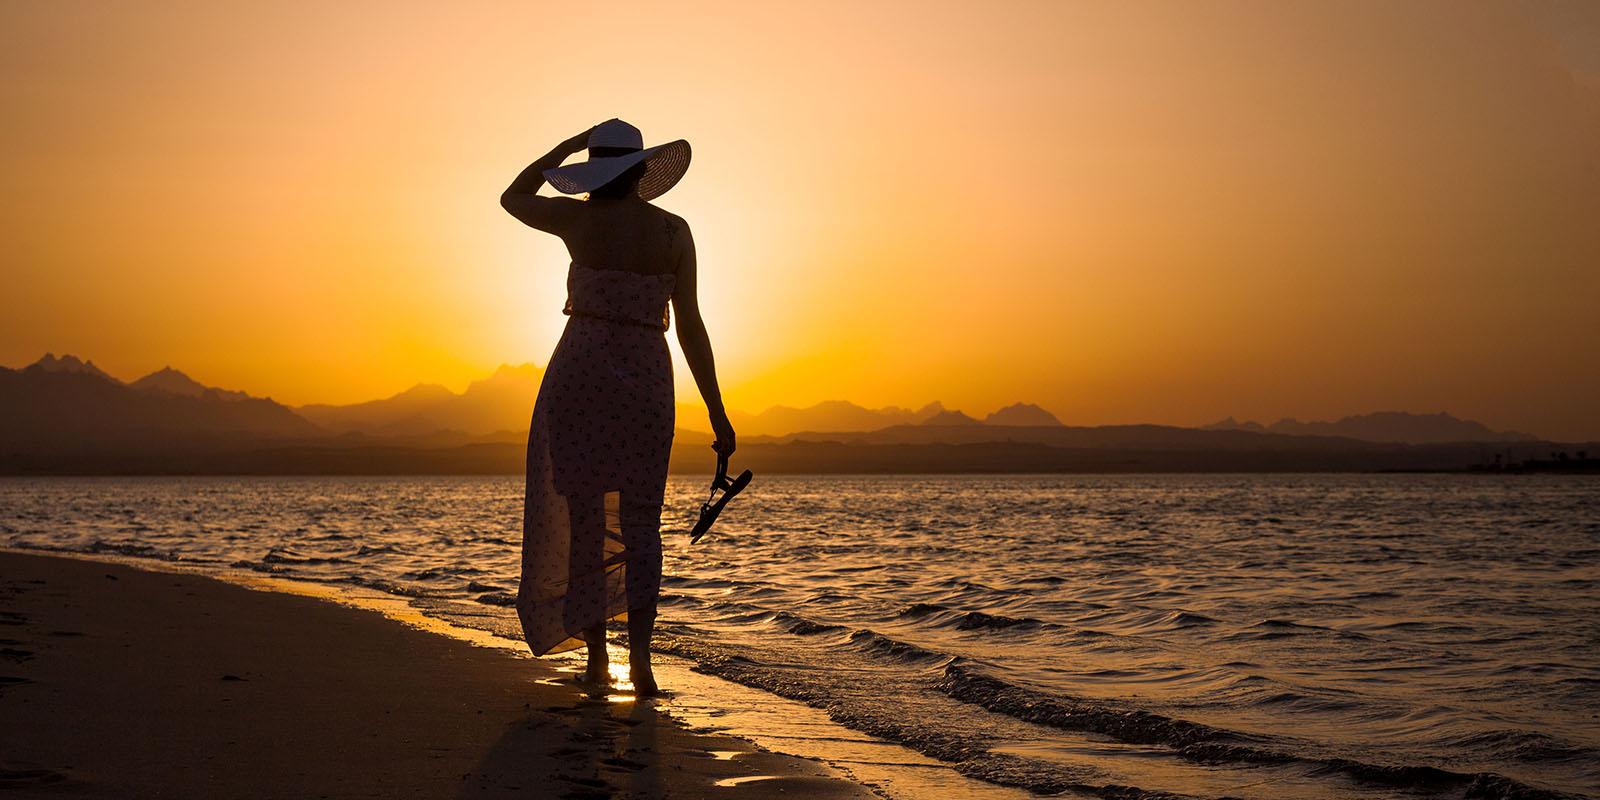 Fotograf In Ägypten - Urlaub Ägypten - Sunset - Sonnenuntergang - Mit Juliamalia - Urlaub Als Selbstständiger